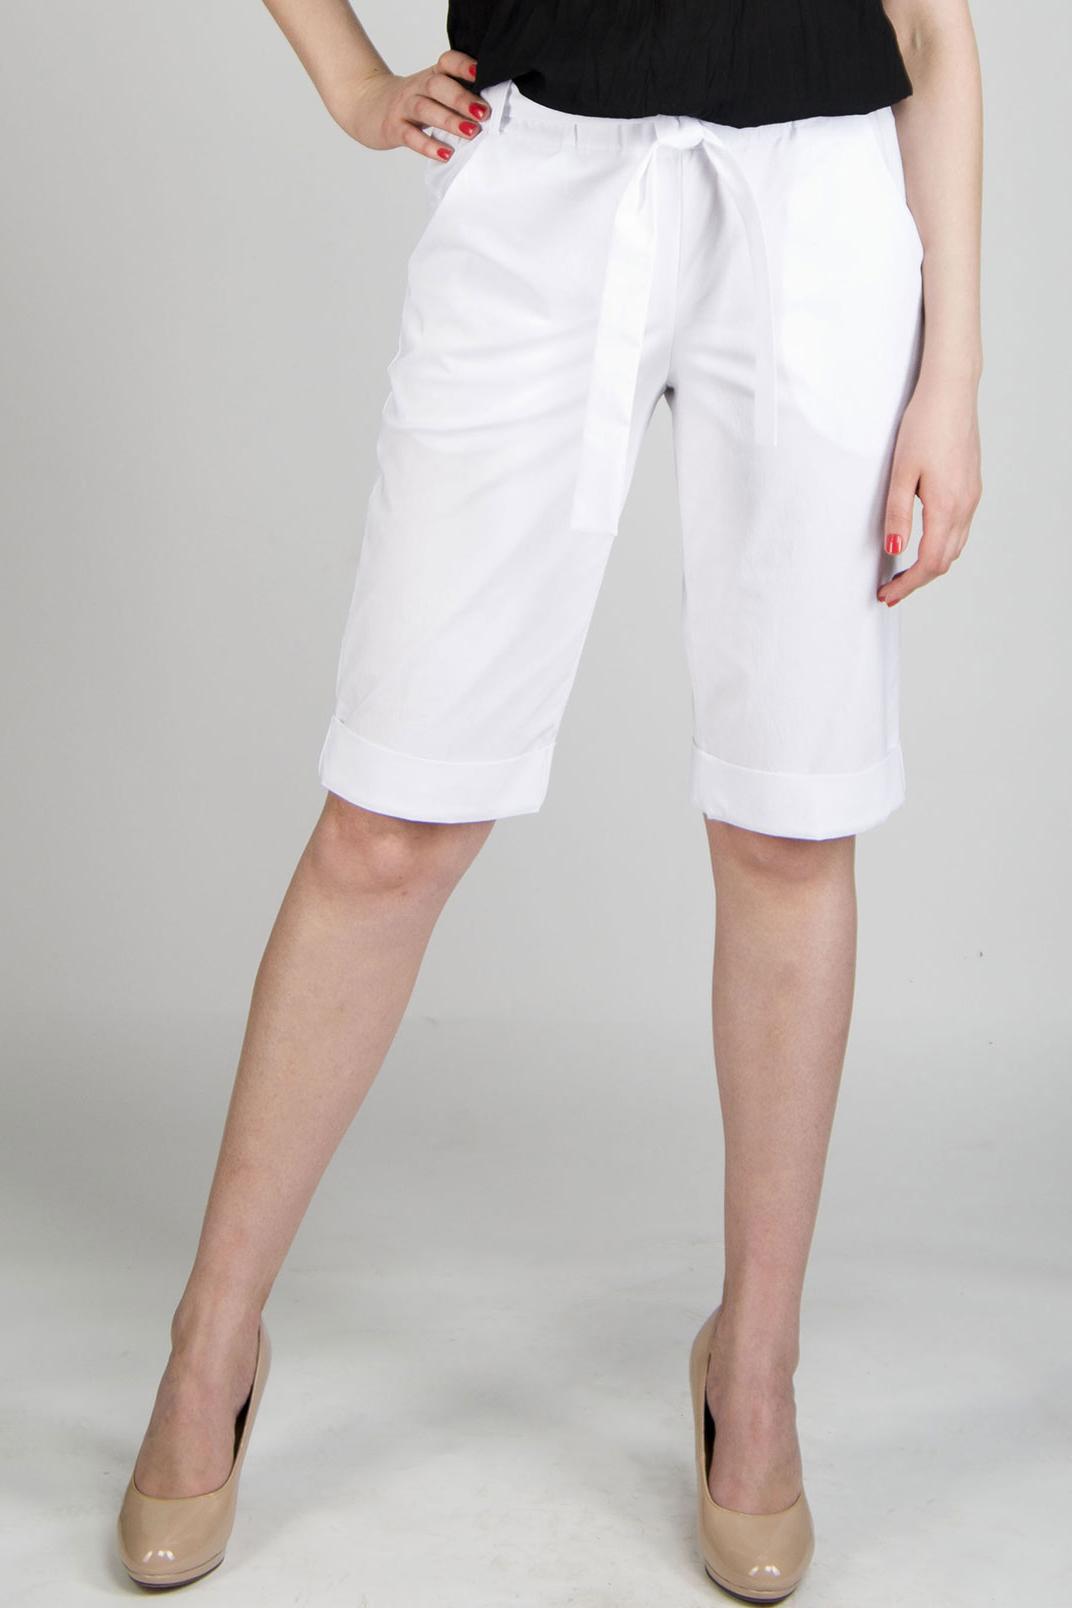 ШортыШорты<br>Яркие летние удлиненные шорты с карманами в боковых швах. Цвет: белый.<br><br>По материалу: Тканевые<br>По рисунку: Однотонные<br>По сезону: Лето<br>По стилю: Кэжуал,Классический стиль,Летний стиль,Молодежный стиль,Повседневный стиль<br>По форме: Брюки-шорты<br>По элементам: С декором,С карманами,С заниженной талией,С резинкой<br>По длине: До колена<br>Размер : 48<br>Материал: Костюмно-плательная ткань<br>Количество в наличии: 1